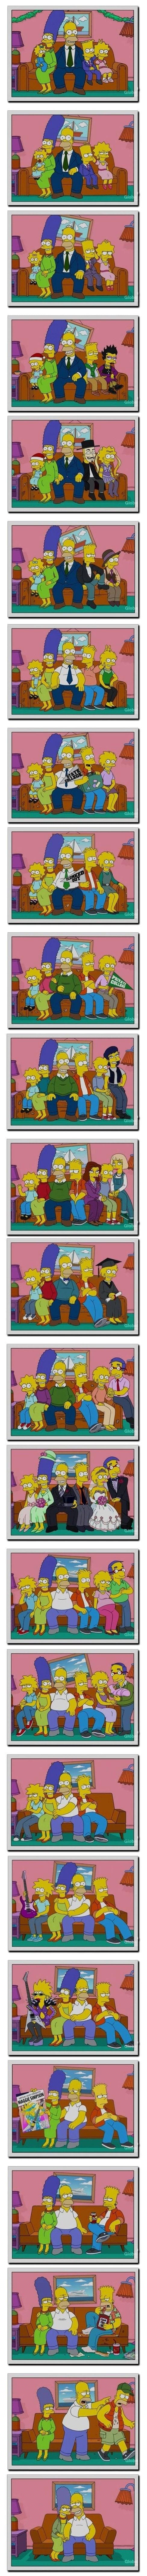 Como seria se os Simpsons envelhecessem 7